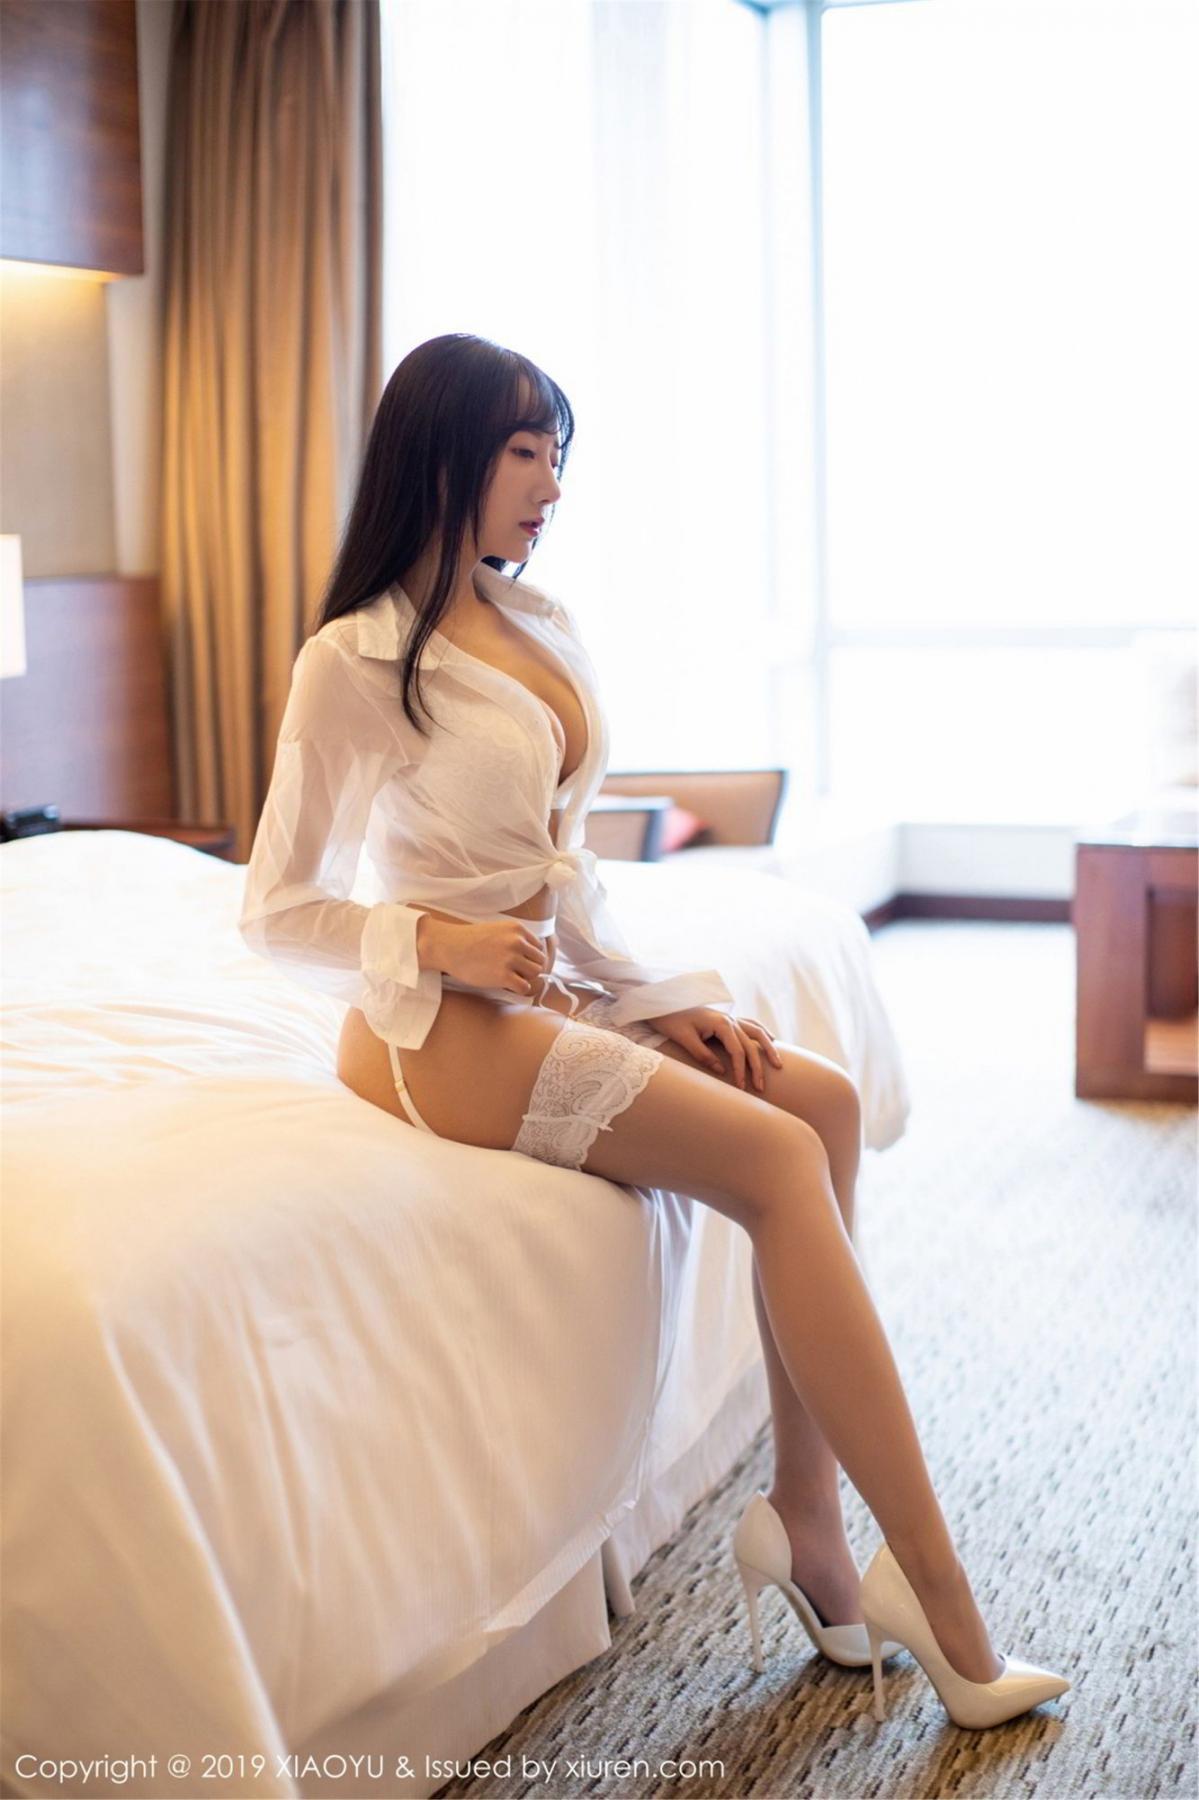 [XiaoYu] Vol.076 He Jia Ying 6P, He Jia Ying, Underwear, XiaoYu